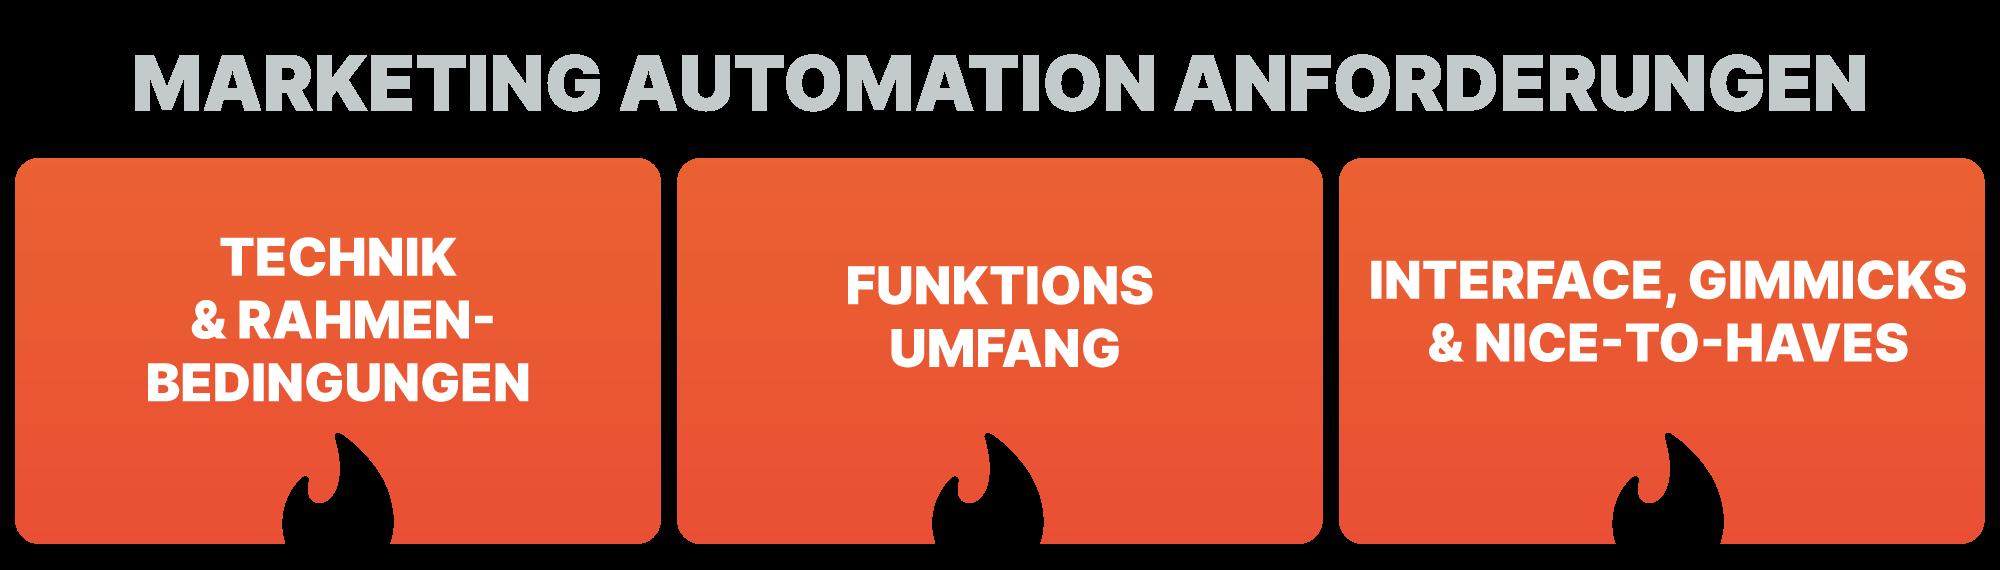 Marketing Automation Tools: 3 Anforderungen